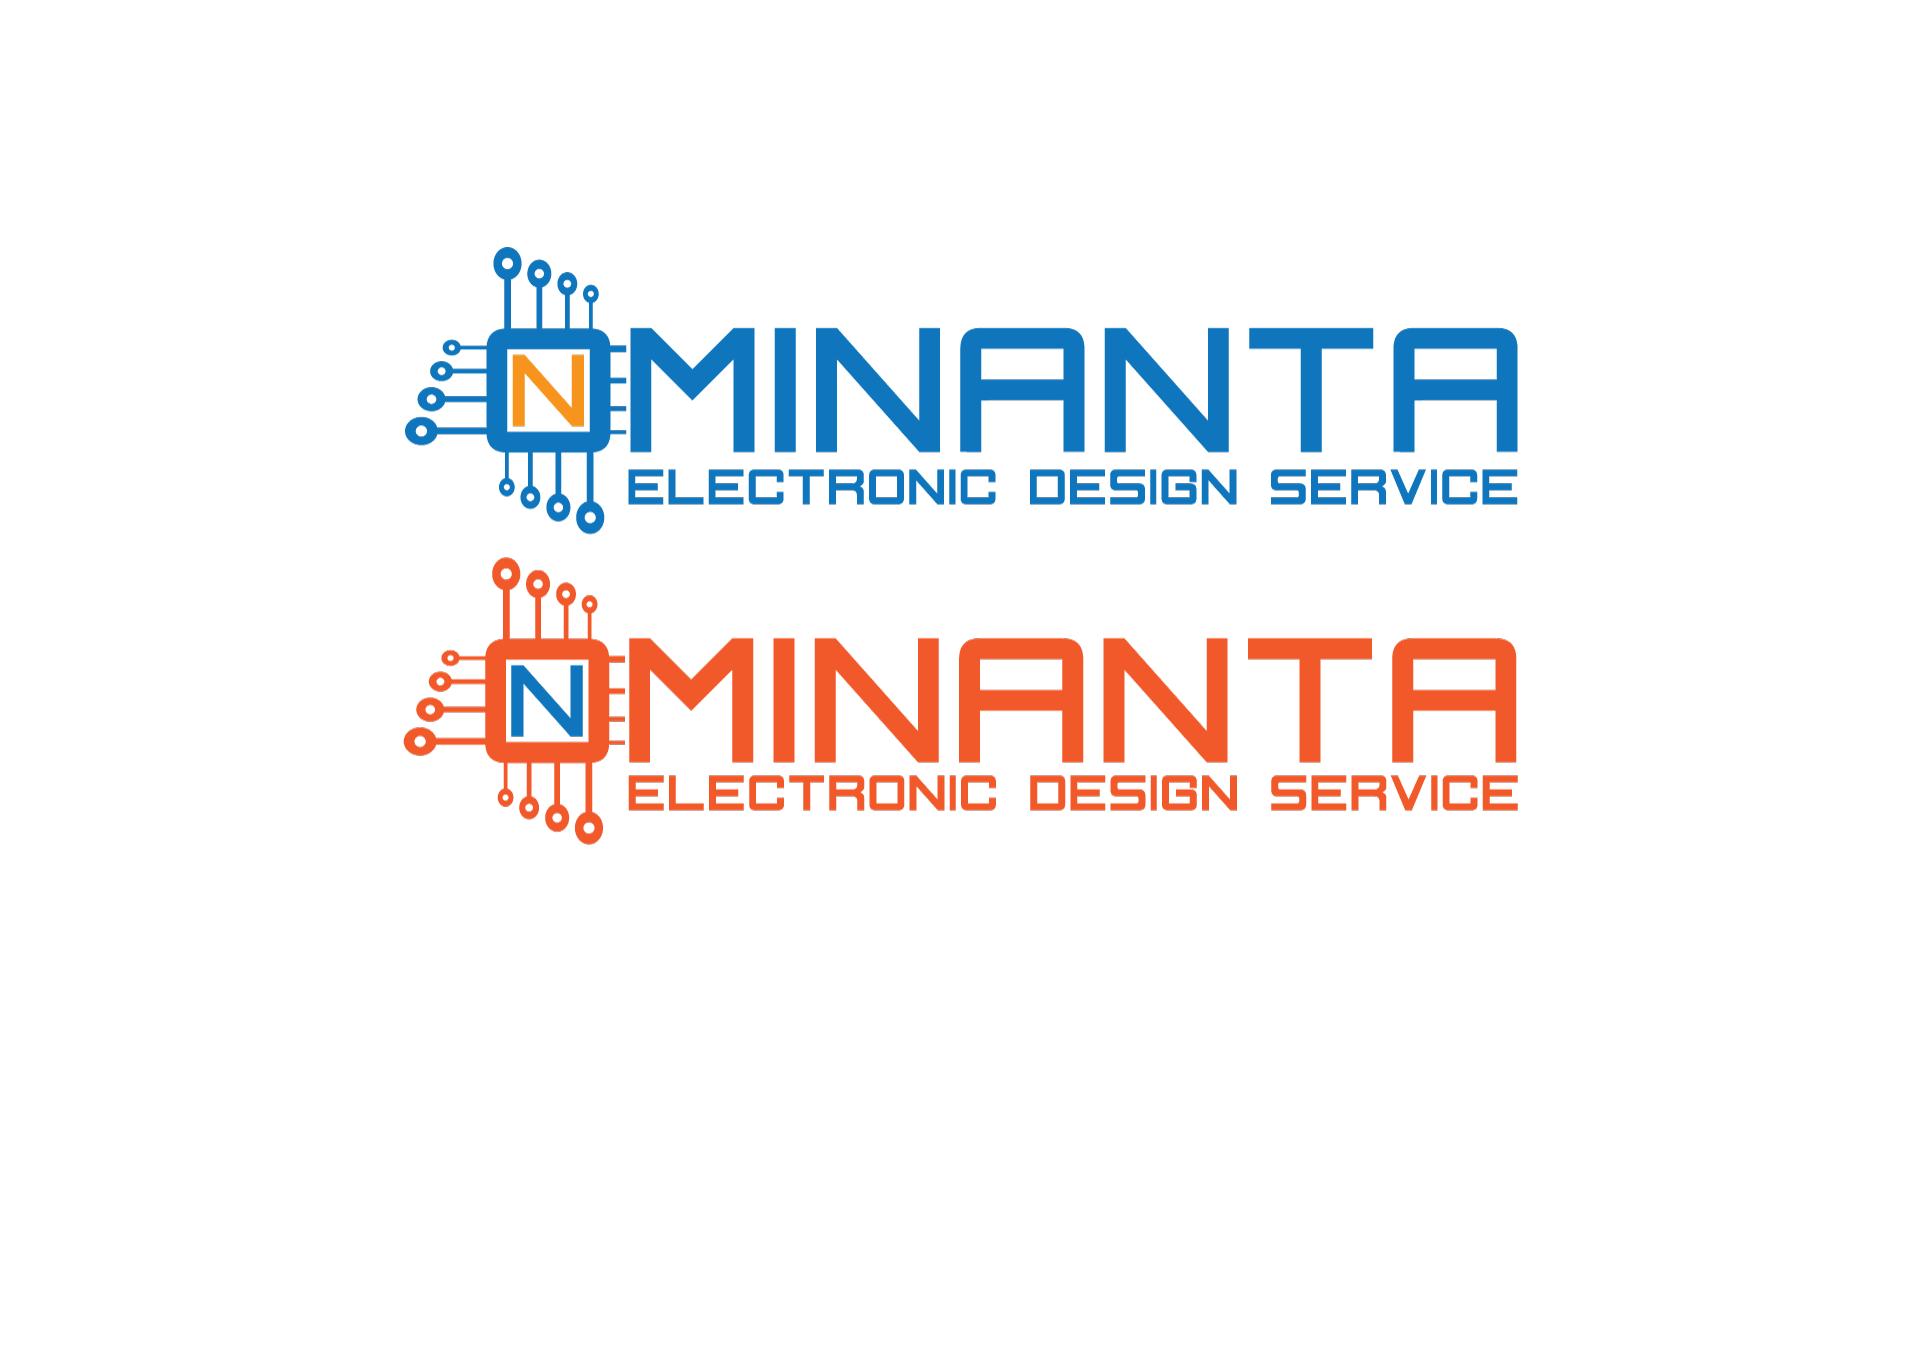 Разработать логотип для КБ по разработке электроники фото f_4425e3ec6b5c3207.png